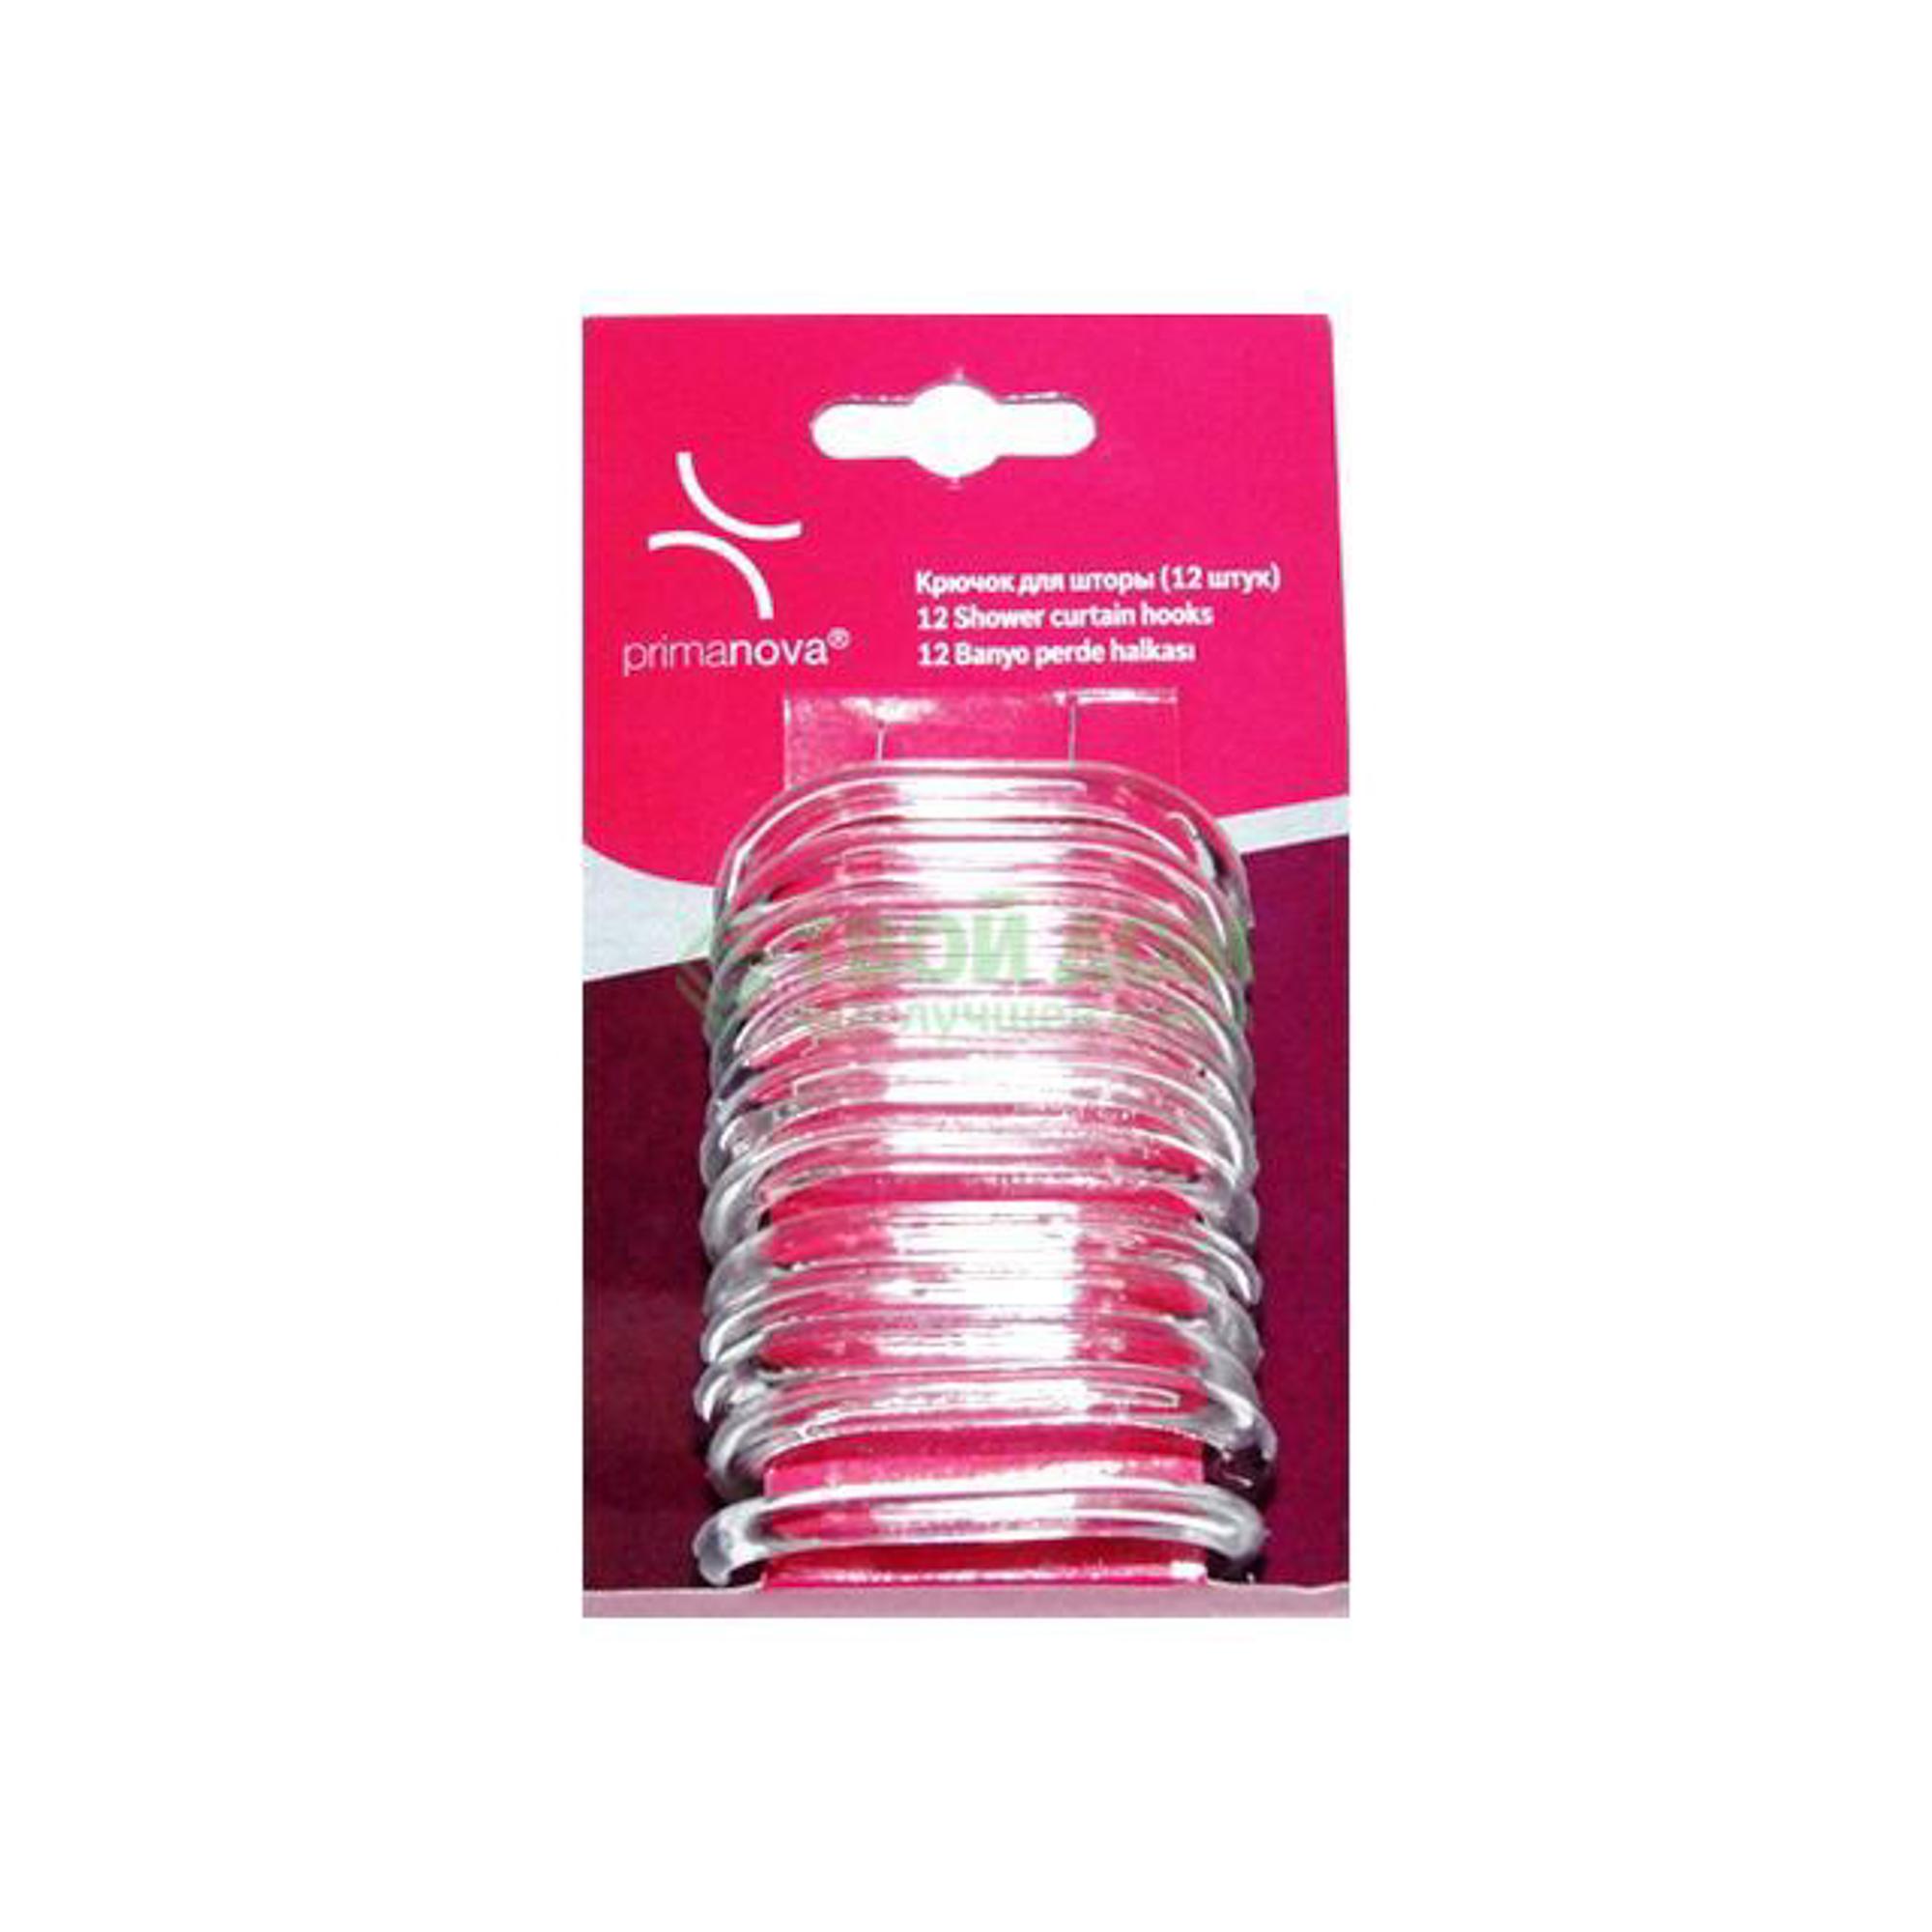 Купить Набор колец для штор Primanova M-05416, набор колец для штор, Турция, прозрачный, пластик